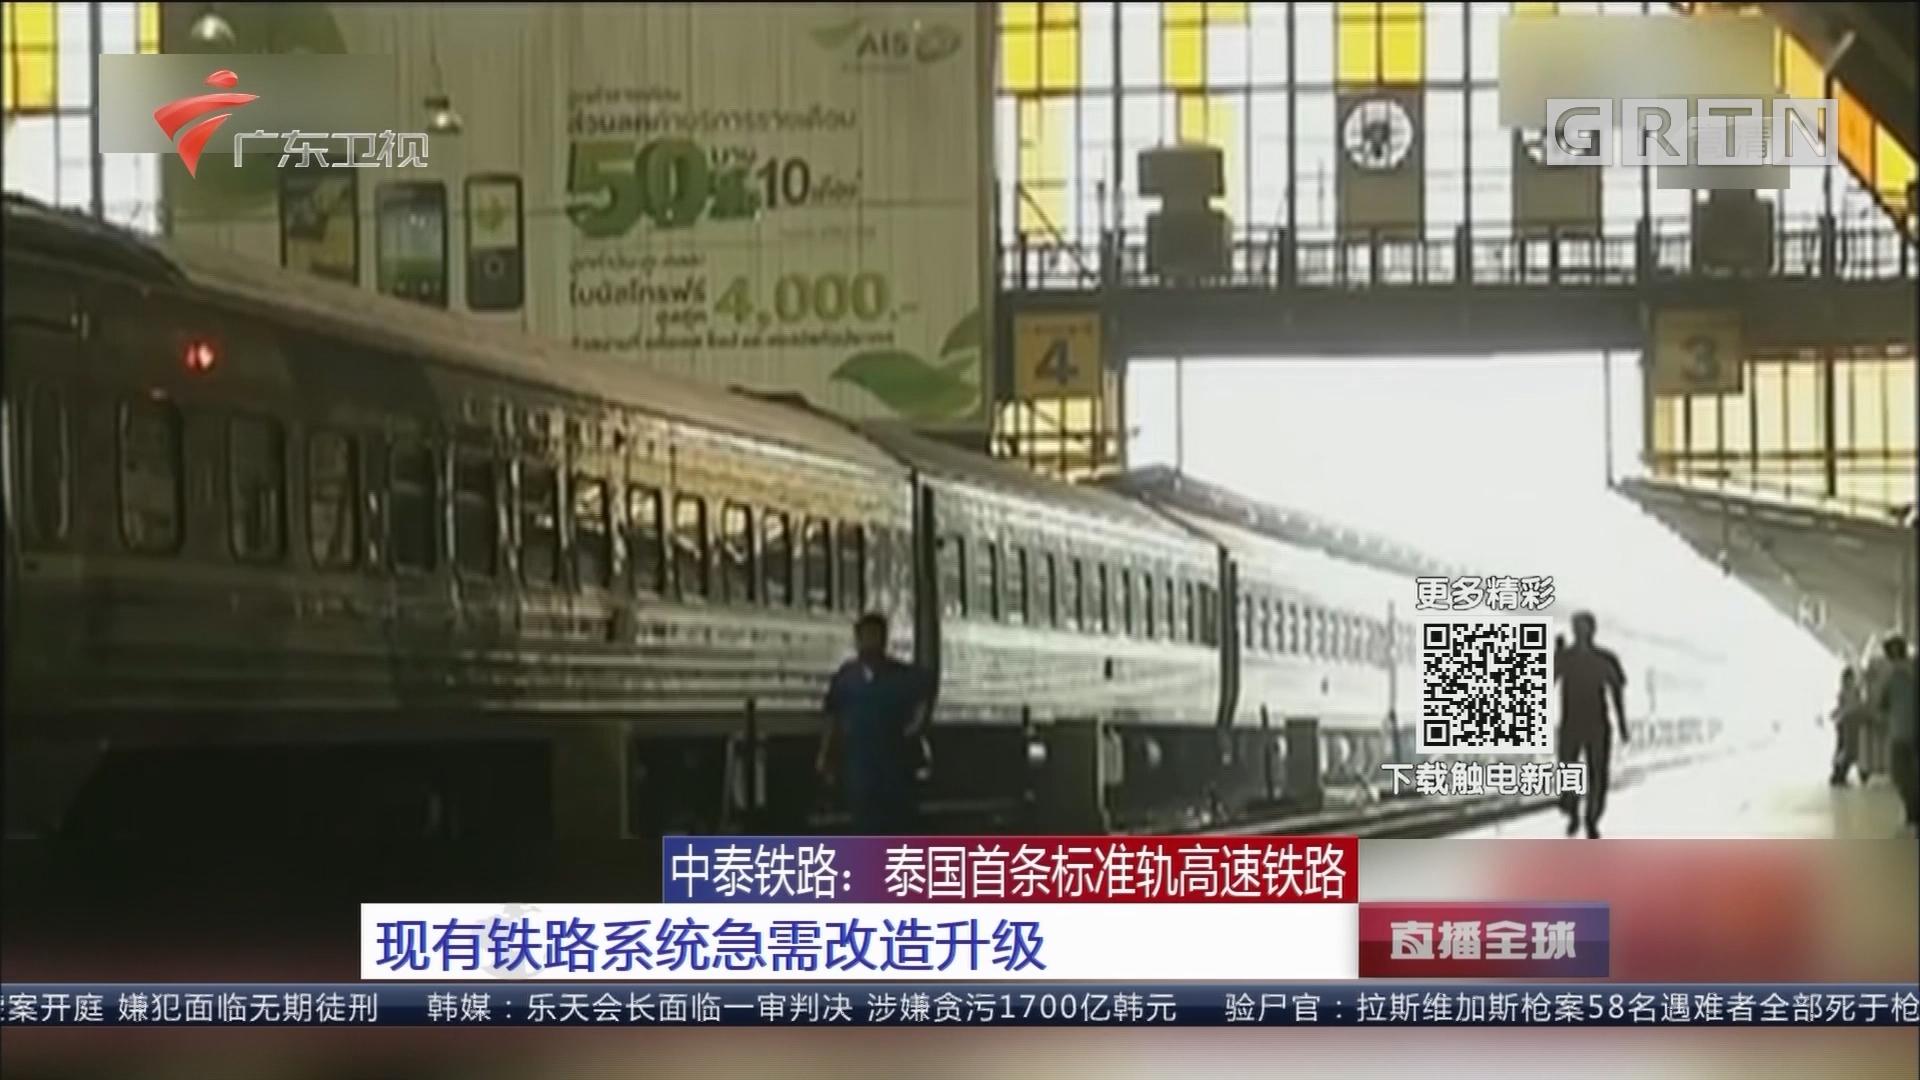 中泰铁路:泰国首条标准轨高速铁路 现有铁路系统急需改造升级